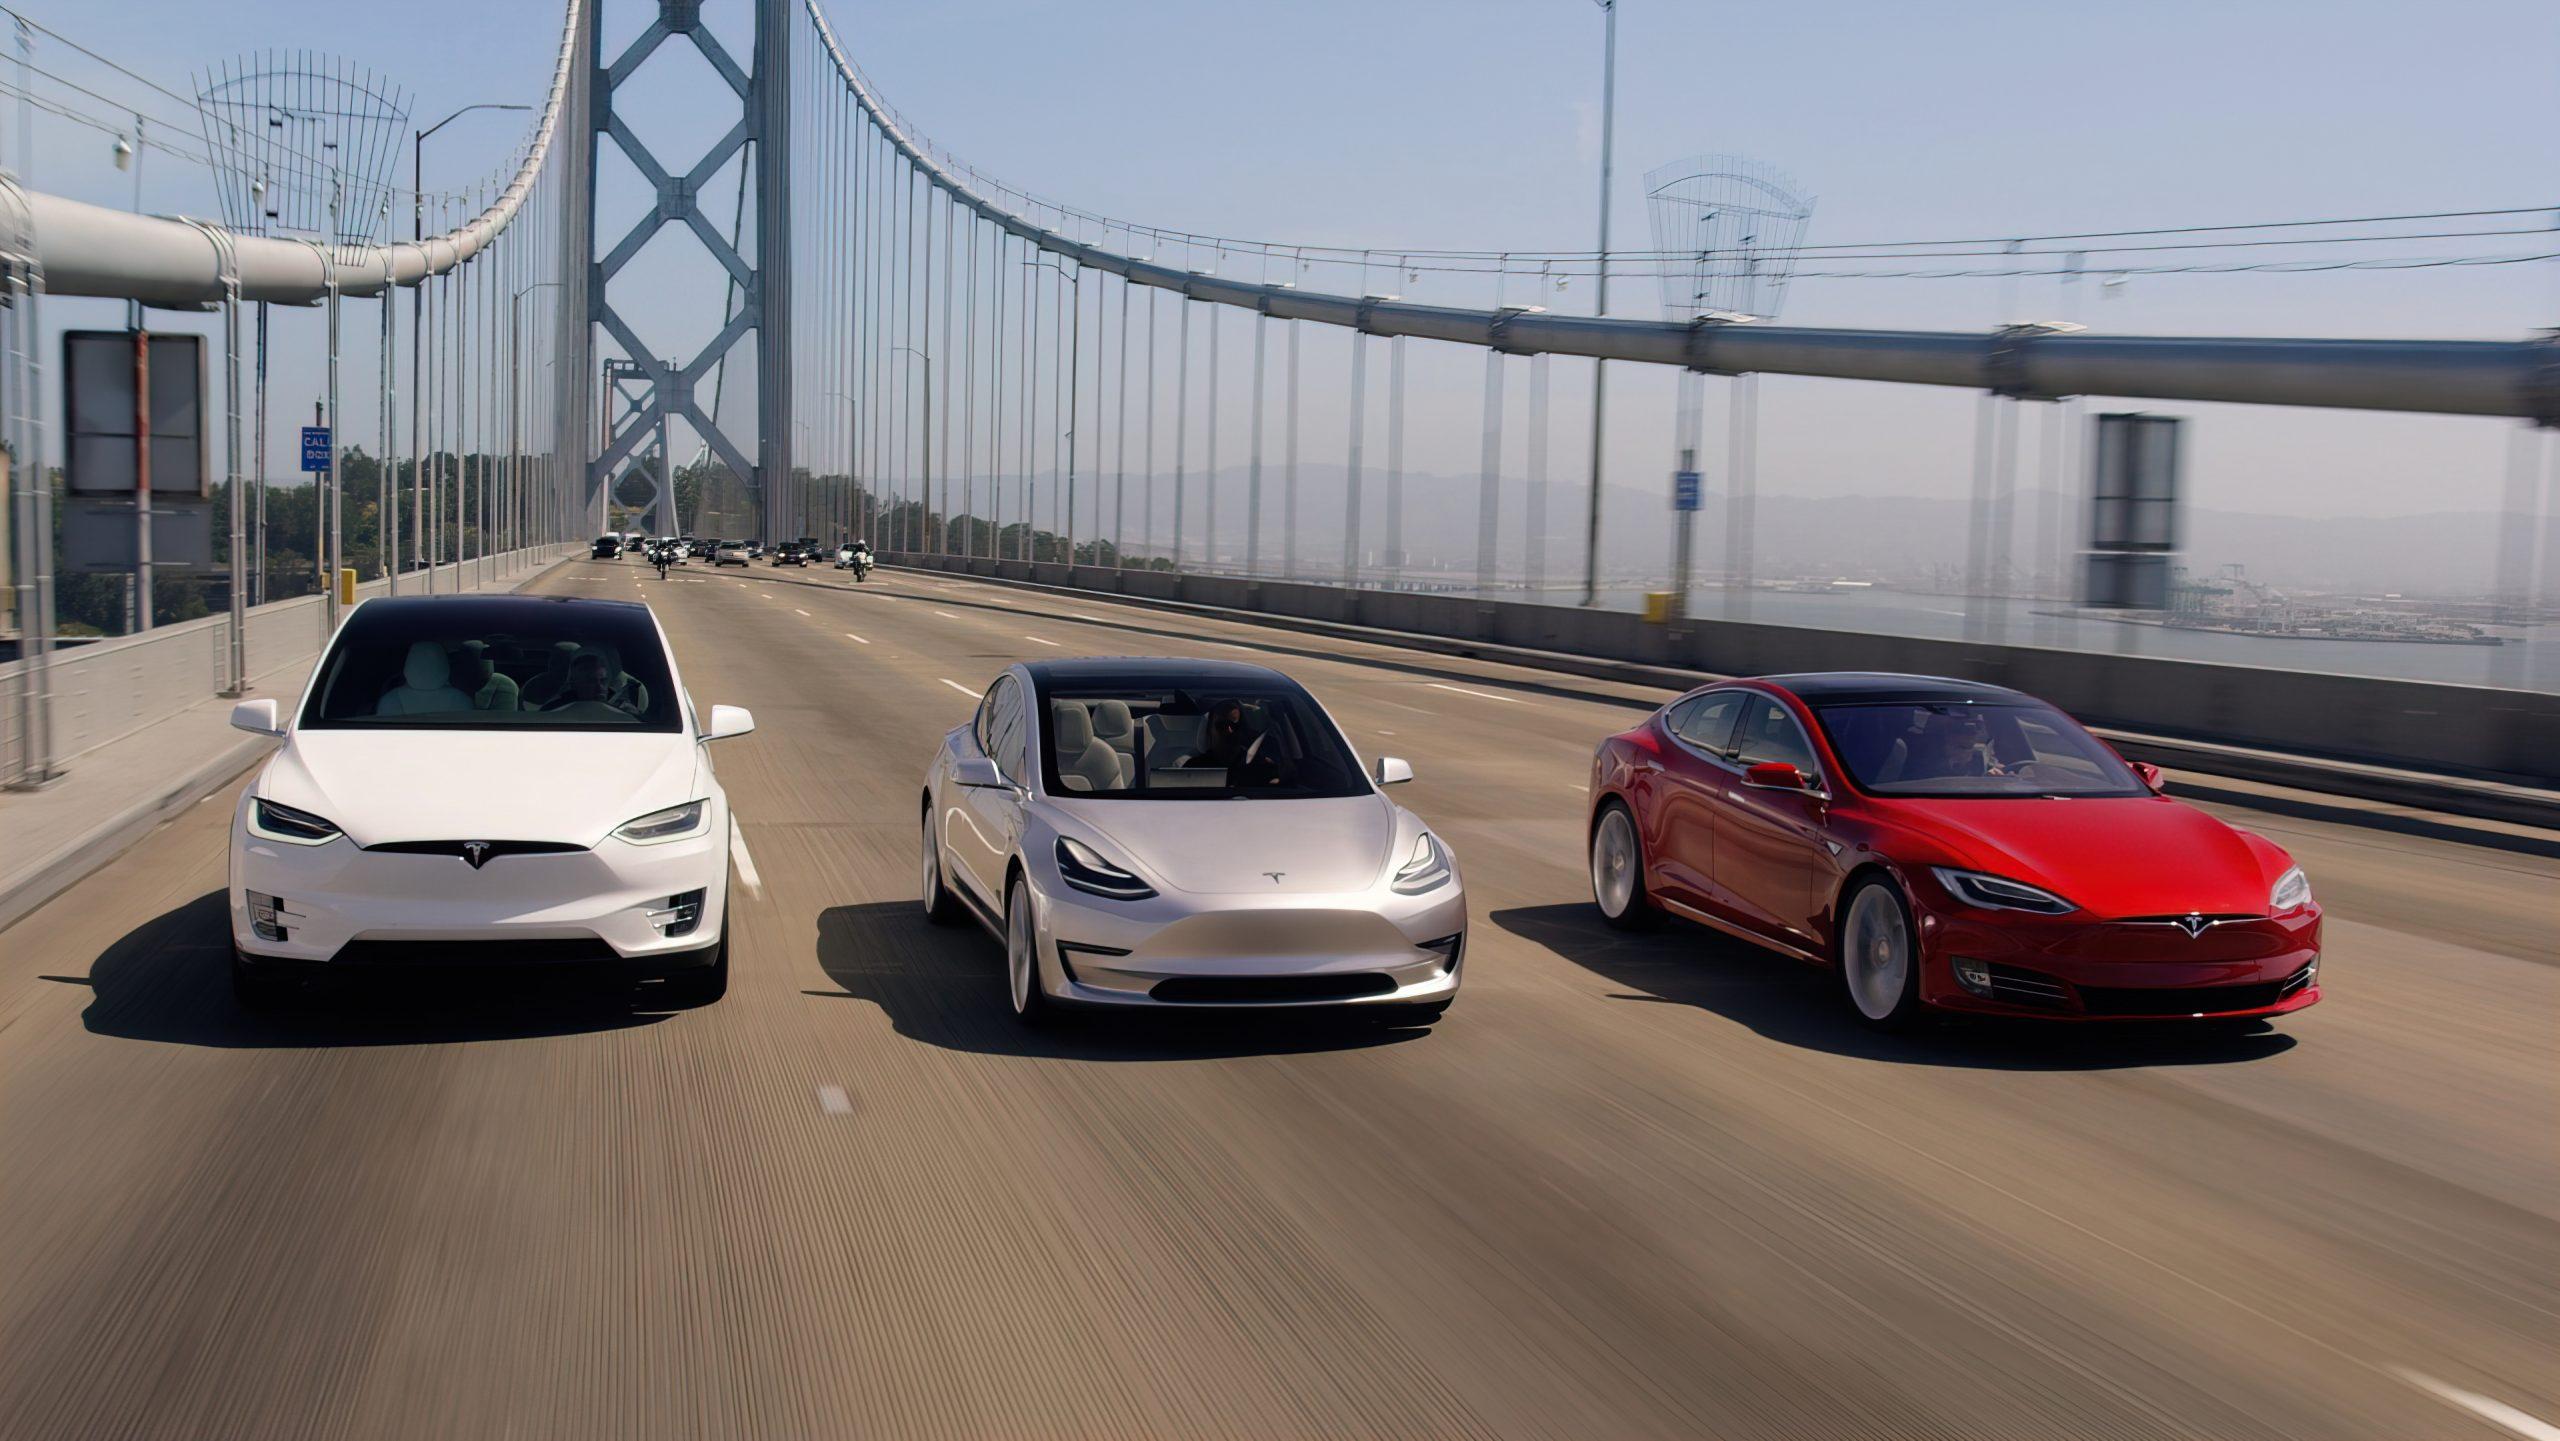 Tesla models driving